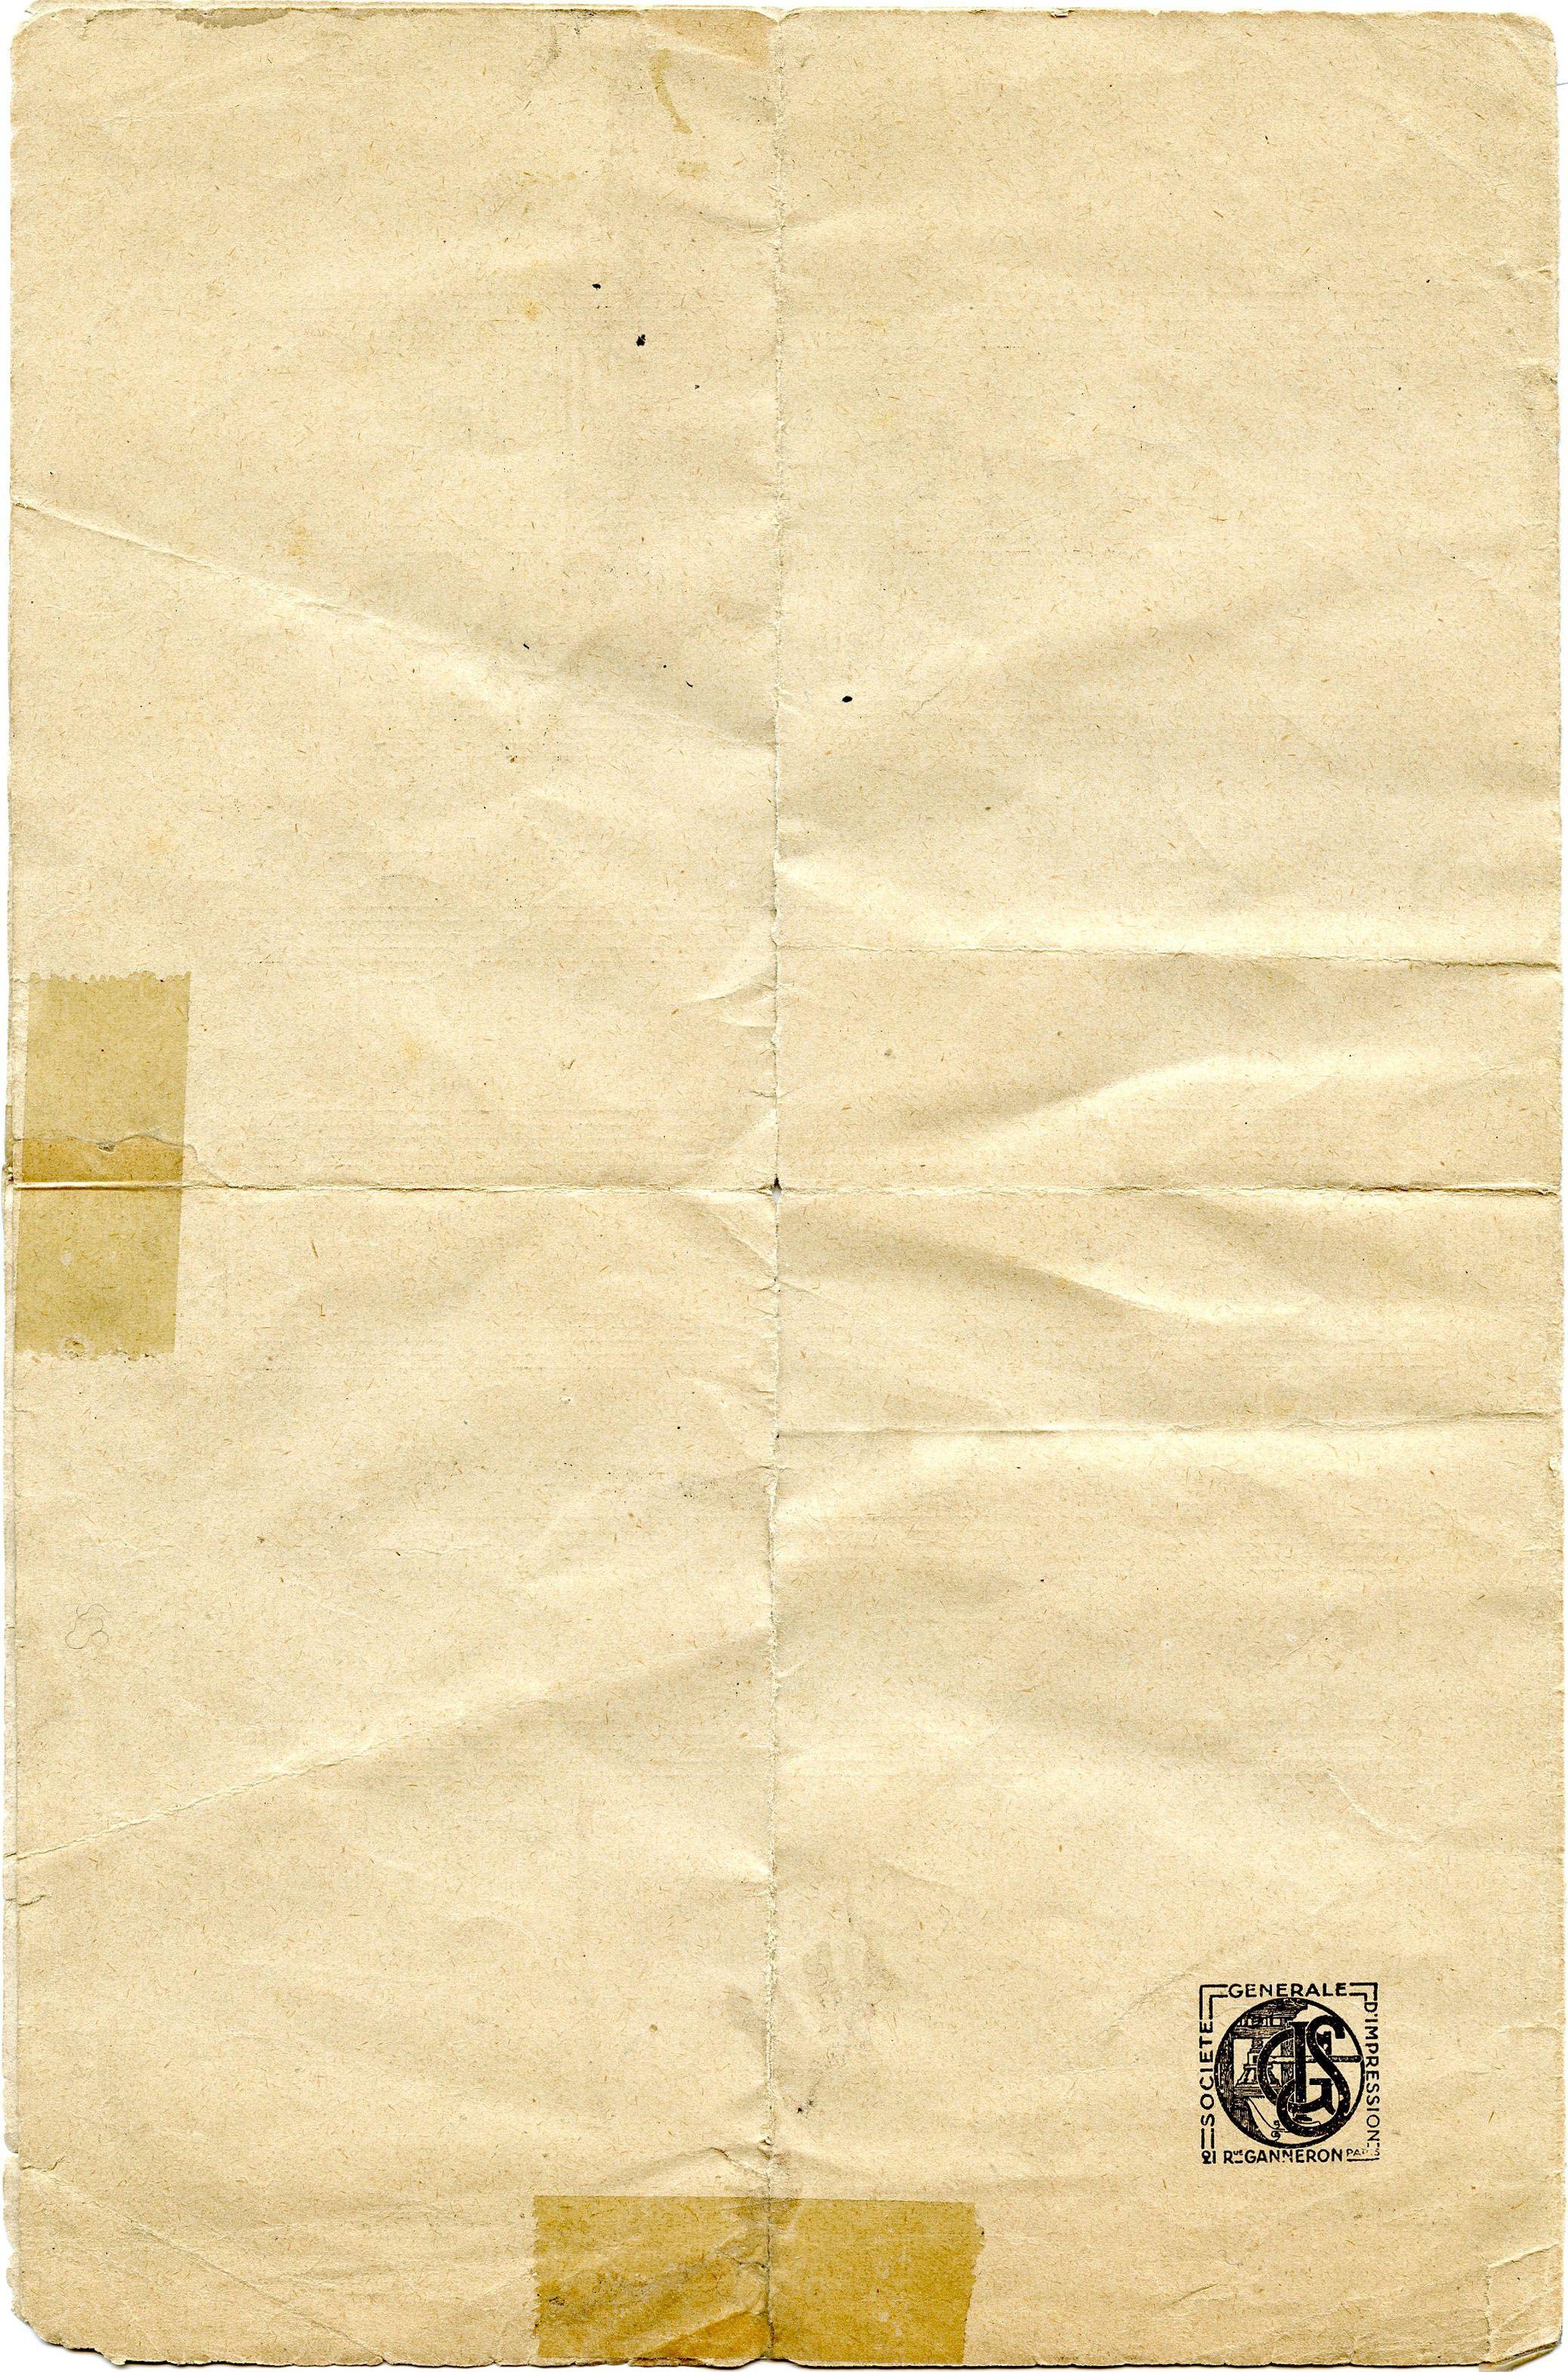 """Partition musicale de l'hymne """"Plus près de toi, mon Dieu"""" exécuté à bord du Titanic dans la nuit du 14 au 15 avril 1912 et éditée en 1912 au bénéfice de la Société Centrale de Sauvetage des Naufragés (Paris). En mémoire des artistes de l'orchestre ayant succombé à leur pupitre, c'est à dire à leur poste, en jouant l'hymne.  (Dos de couverture)"""